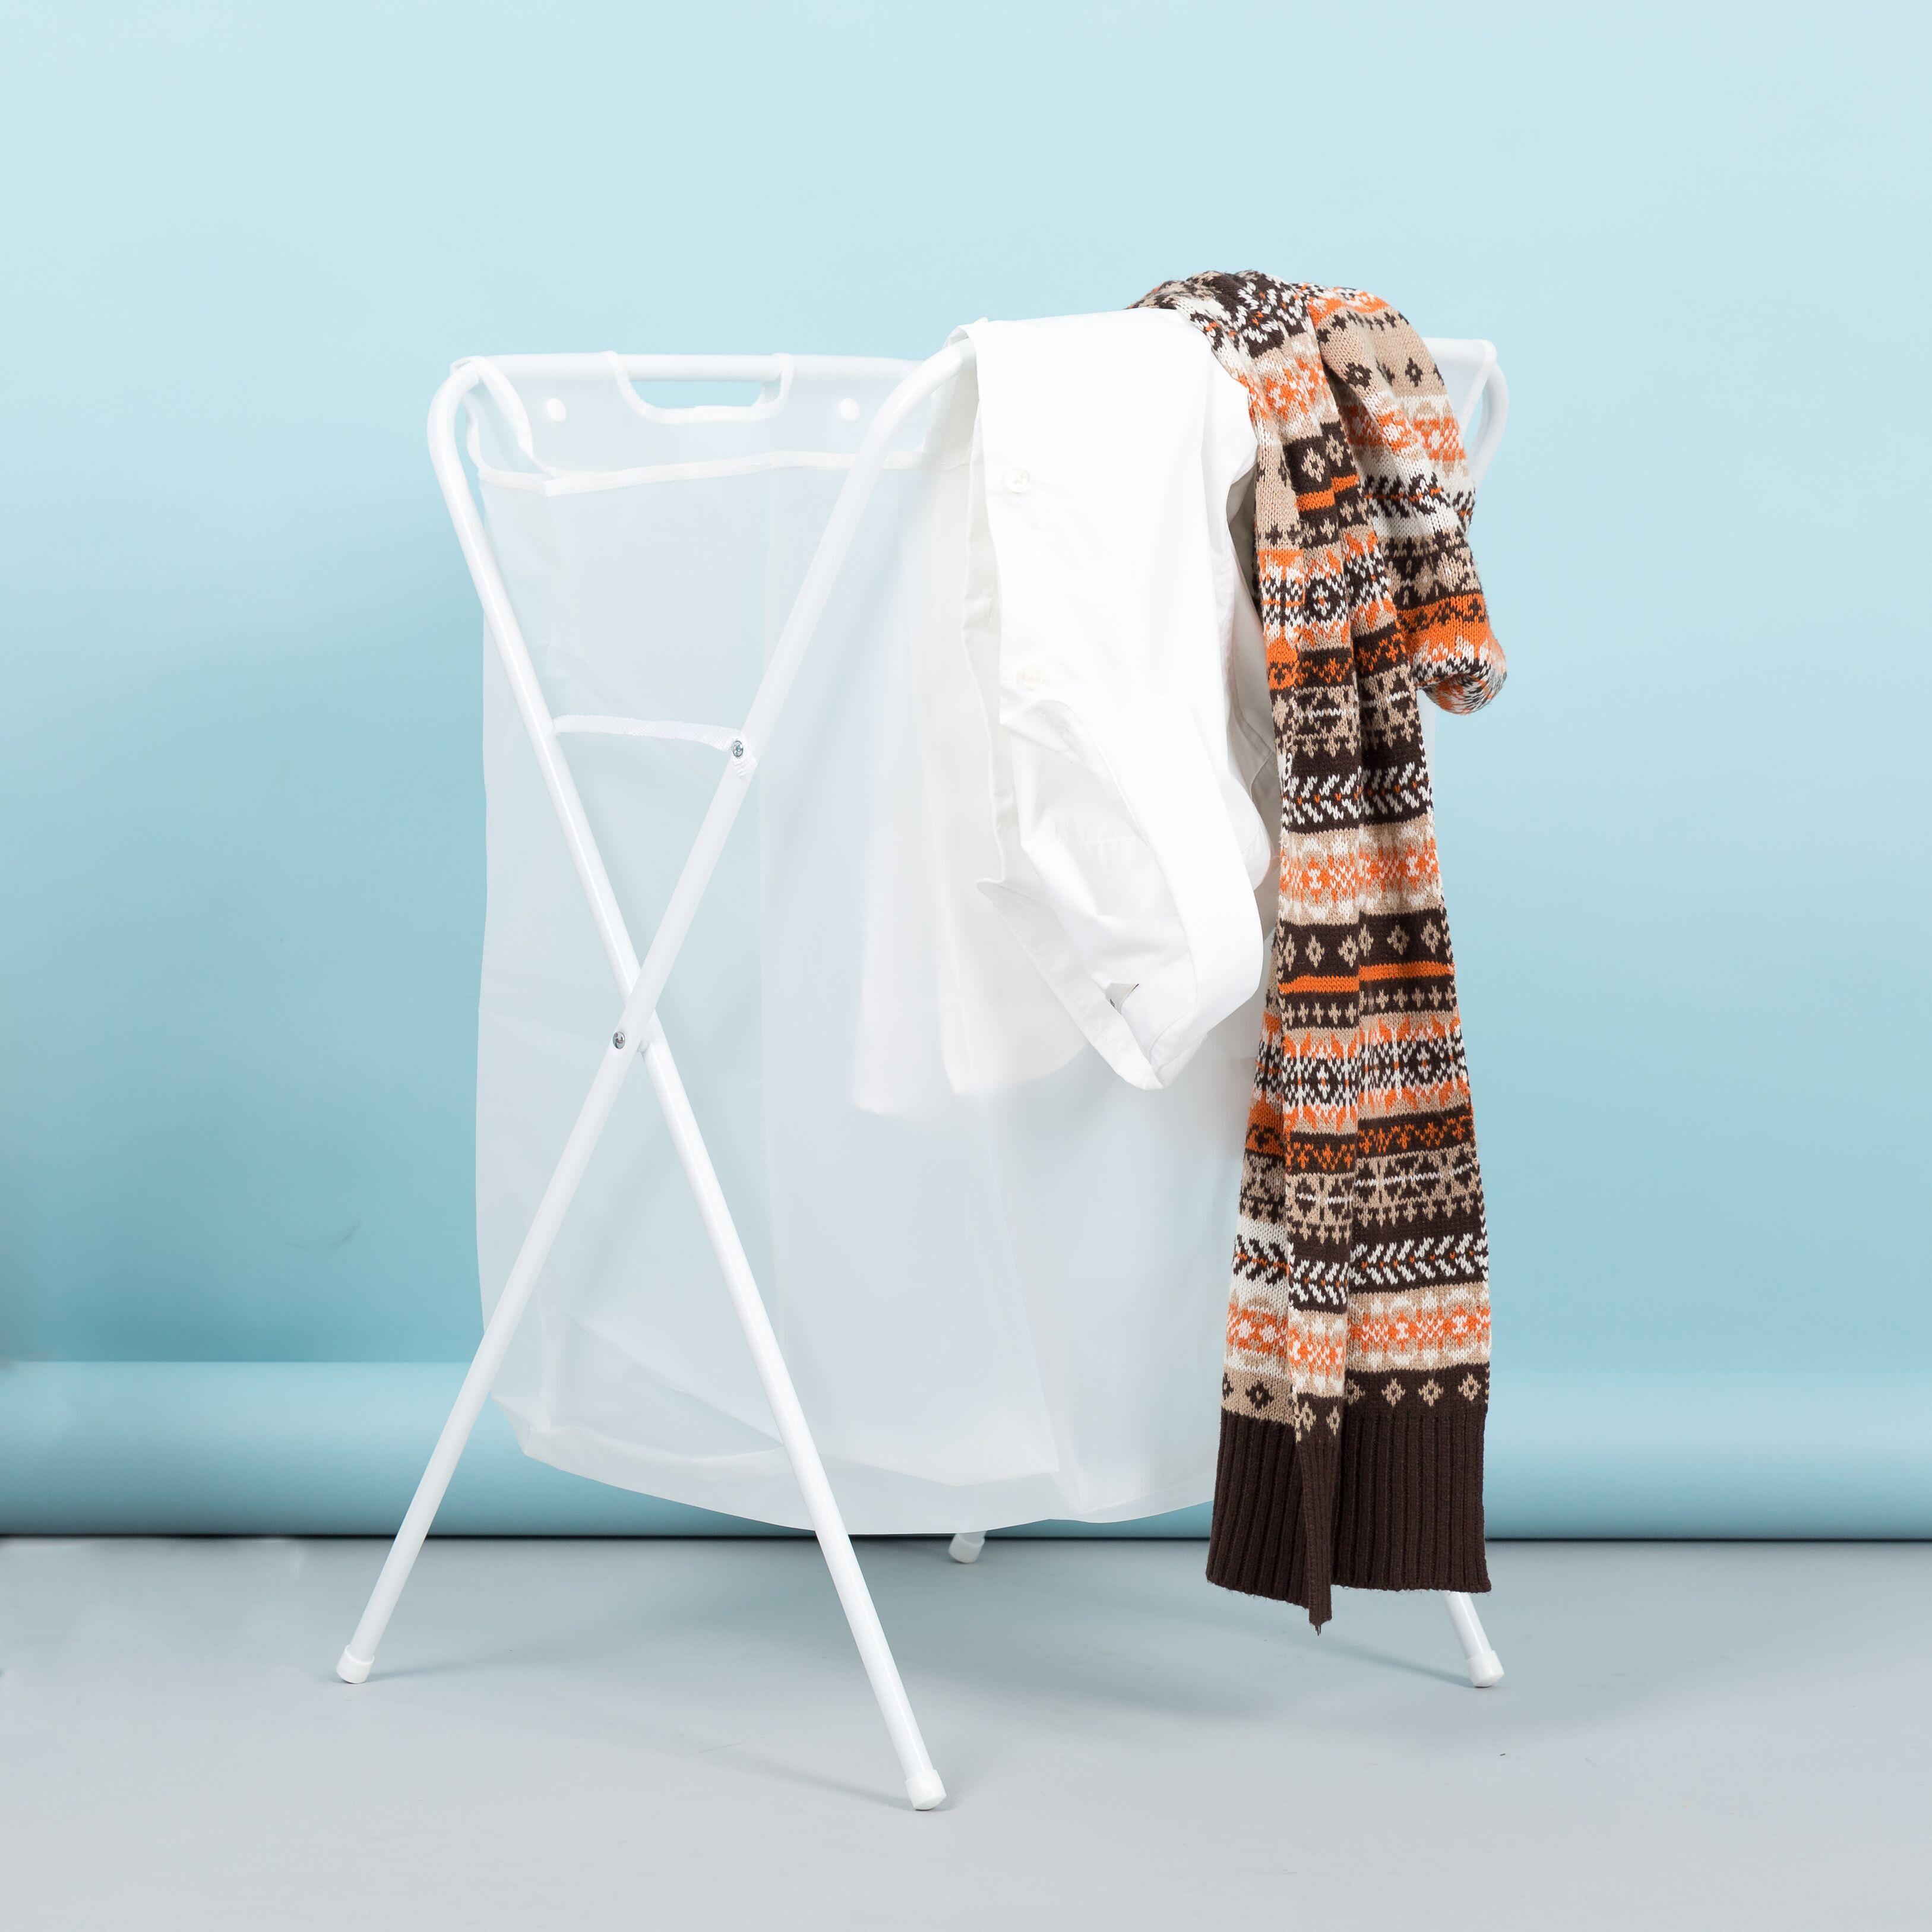 愉悦之家 脏衣篮折叠脏衣篓宜家大号衣服洗衣篮脏衣物衣篓收纳筐